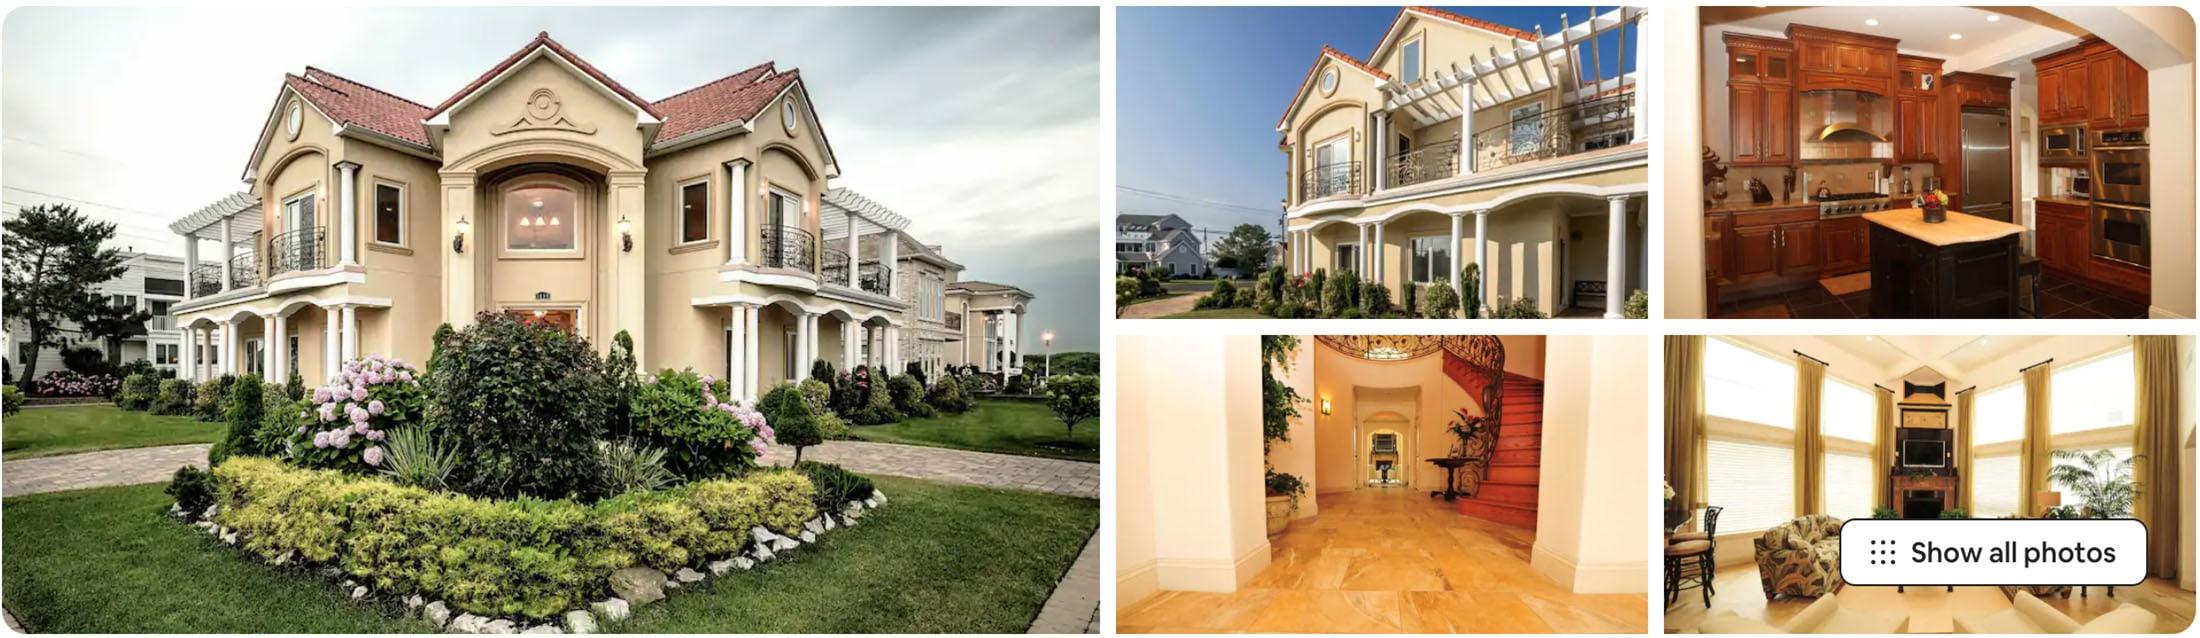 Mediterranean Mansion in NJ